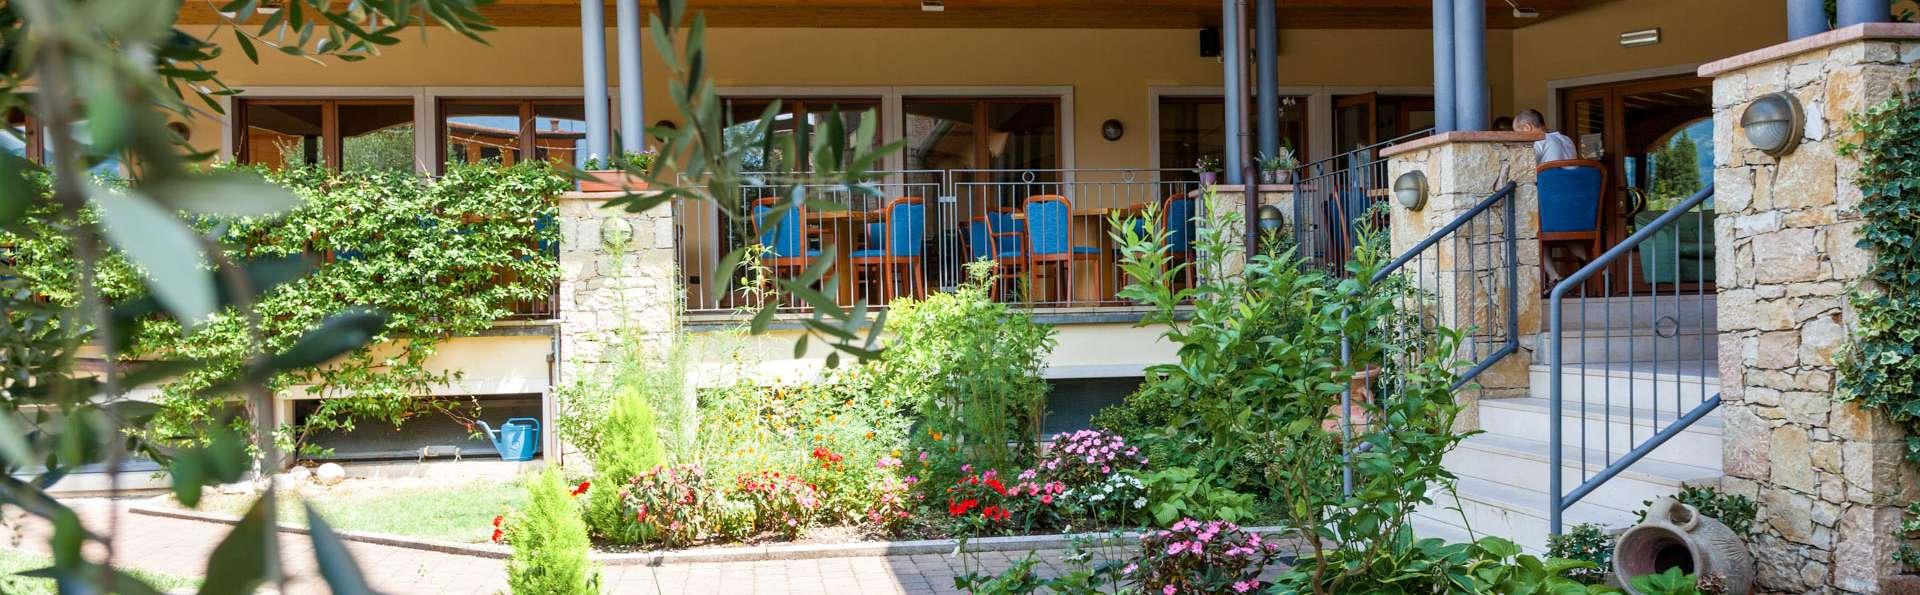 Villa Isabella Hotel e Residence - EDIT_EXTERIOR_01.jpg